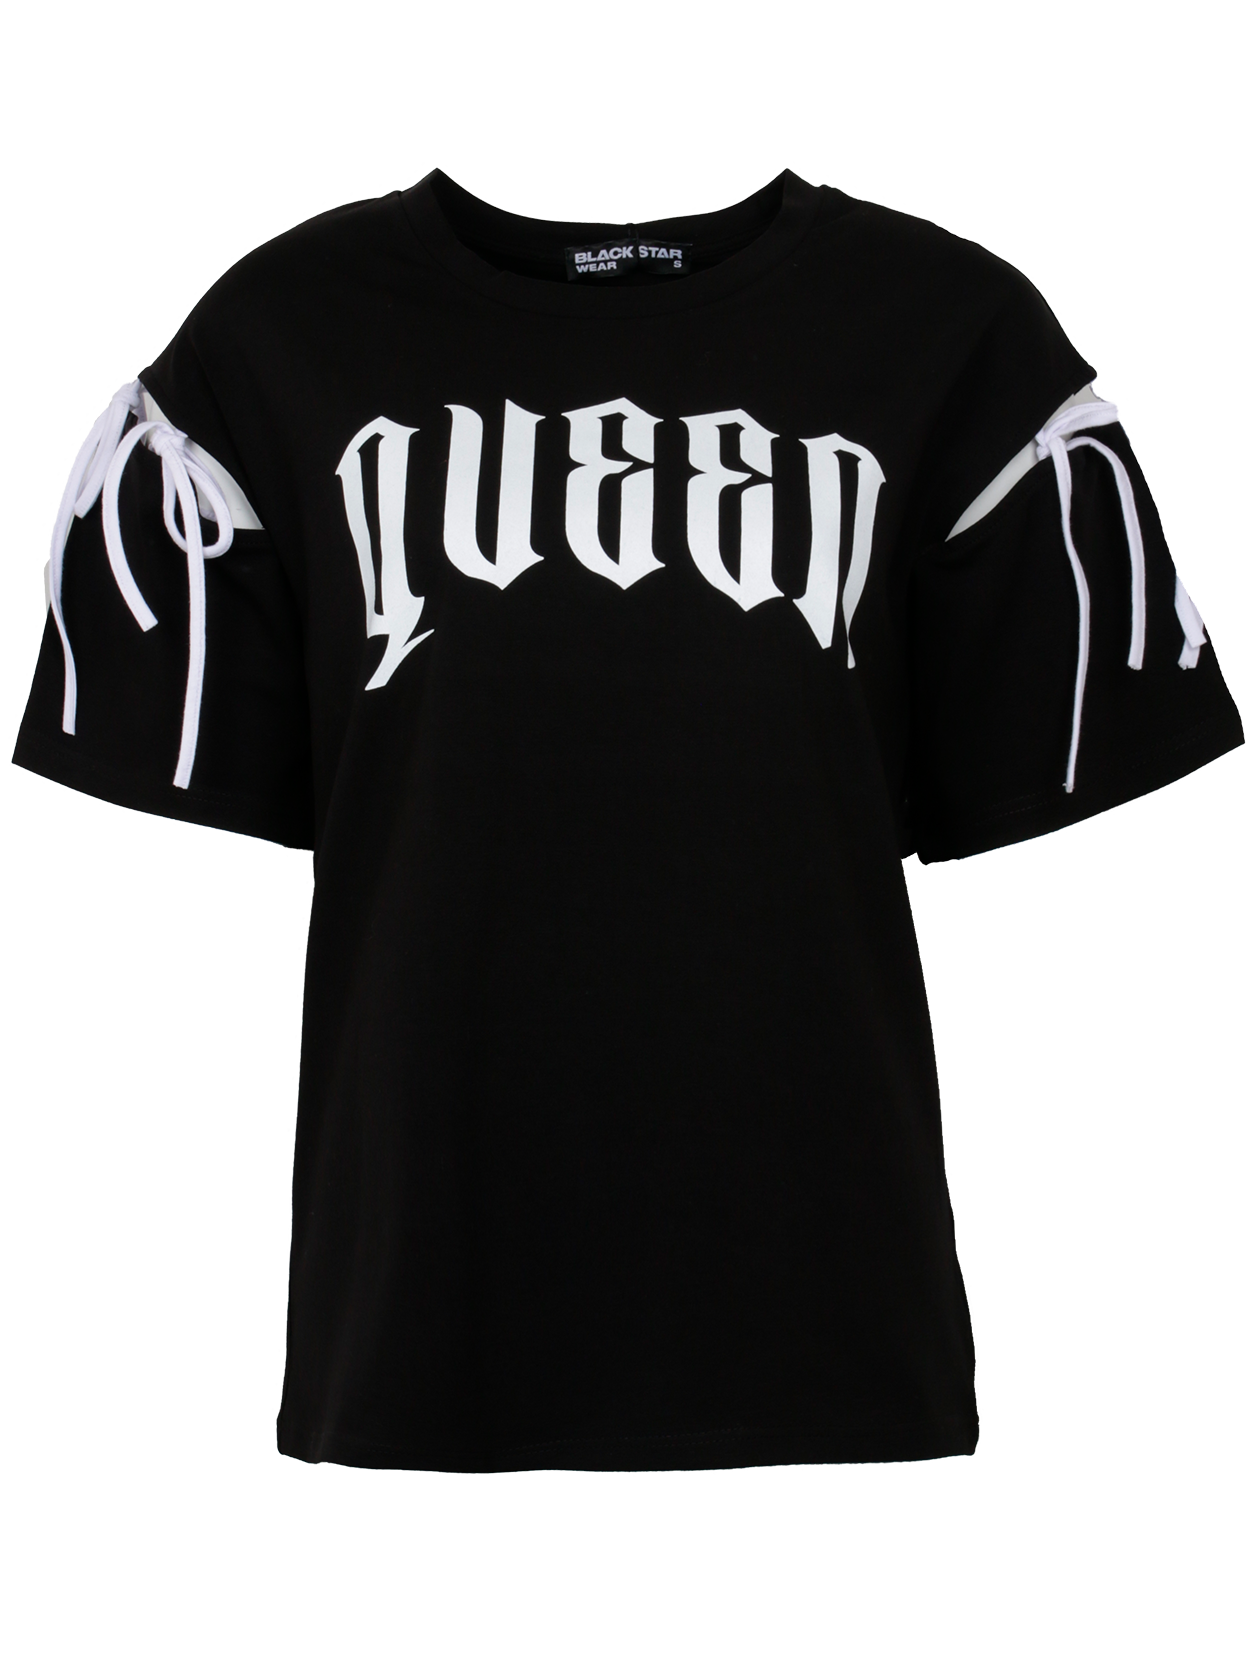 Футболка женская QUEEN CLASSICСтильная женская футболка Queen из новой коллекции одежды Black Star. Модель представлена в классическом черном цвете. Превосходное качество изделия и свободный удобный крой не оставит равнодушным ни кого. Утонченный и лаконичный дизайн дополняет белая надпись на груди Queen необычного и очень стильного шрифта. Белая шнуровка на рукавах добавляет еще большую уникальность и без того неподражаемого дизайна данного изделия.<br><br>Размер: XS<br>Цвет: Черный<br>Пол: Женский